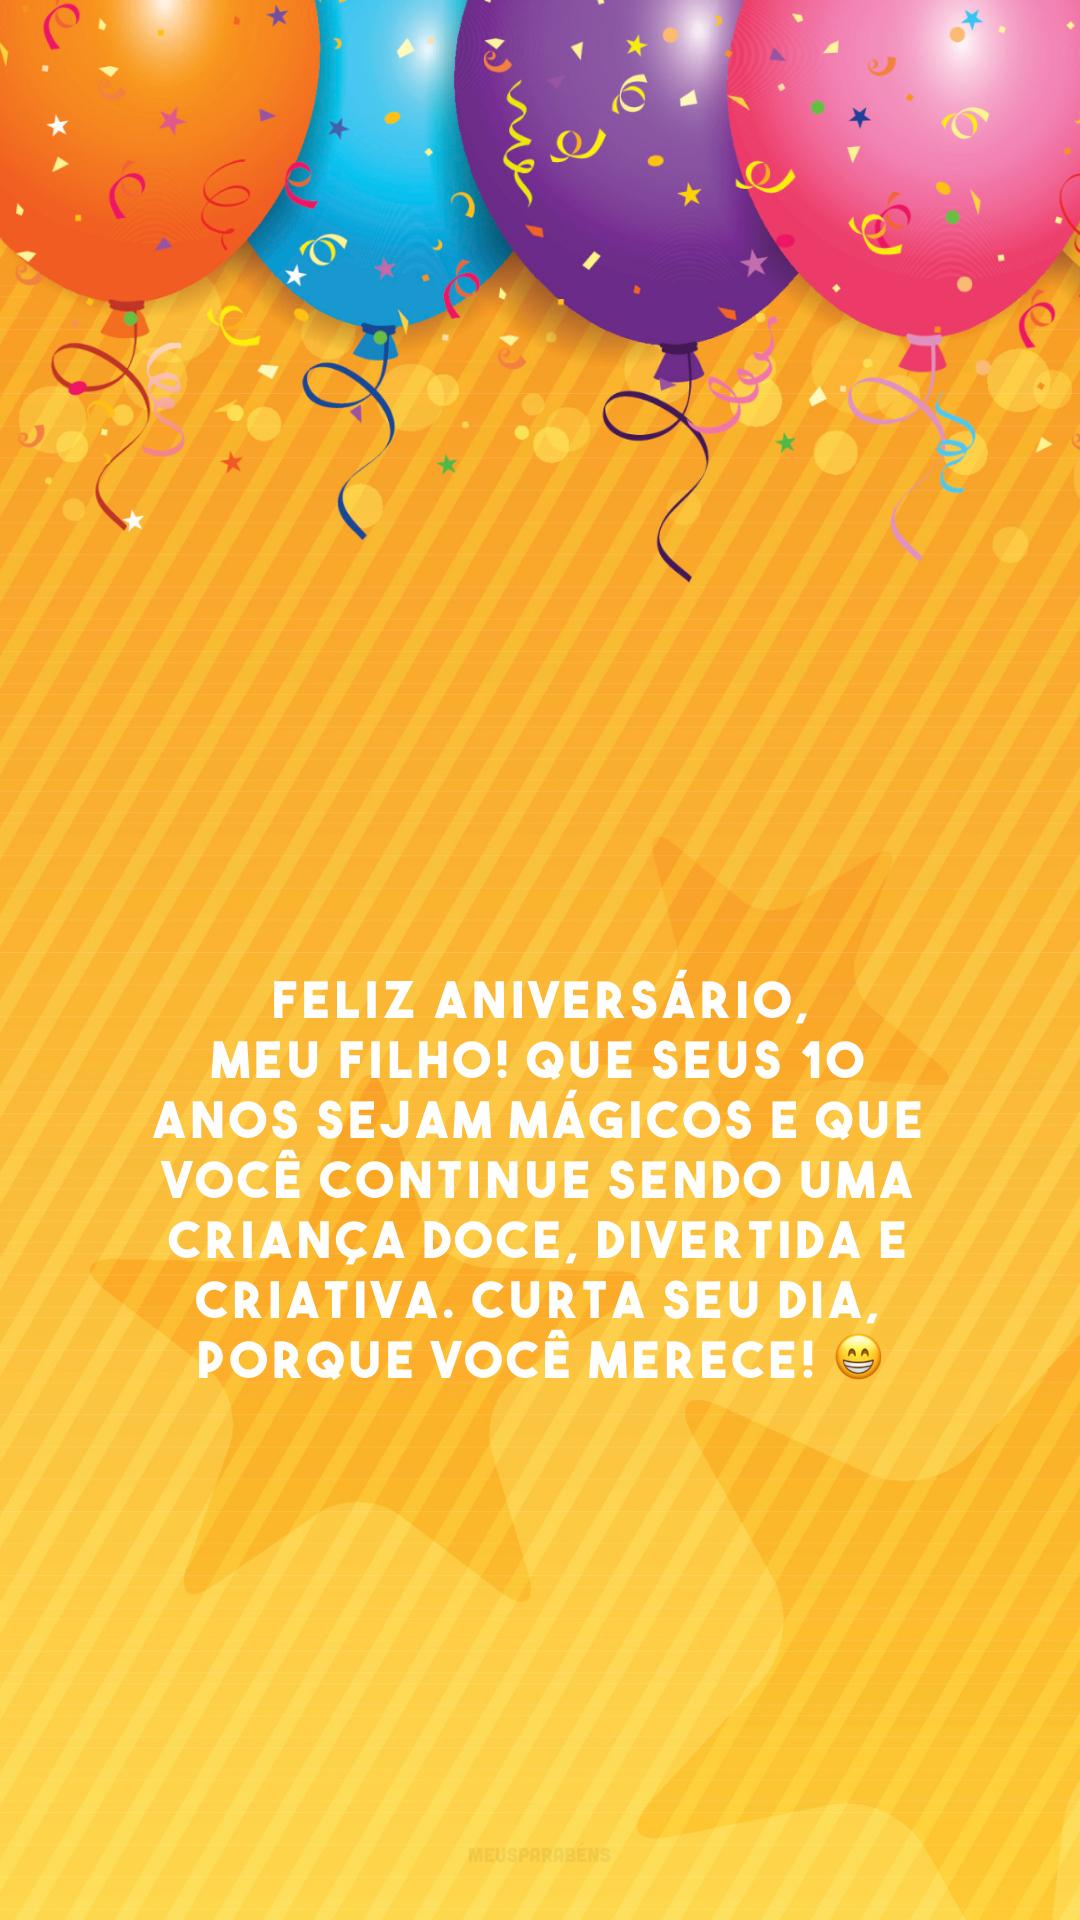 Feliz aniversário, meu filho! Que seus 10 anos sejam mágicos e que você continue sendo uma criança doce, divertida e criativa. Curta seu dia, porque você merece! 😁